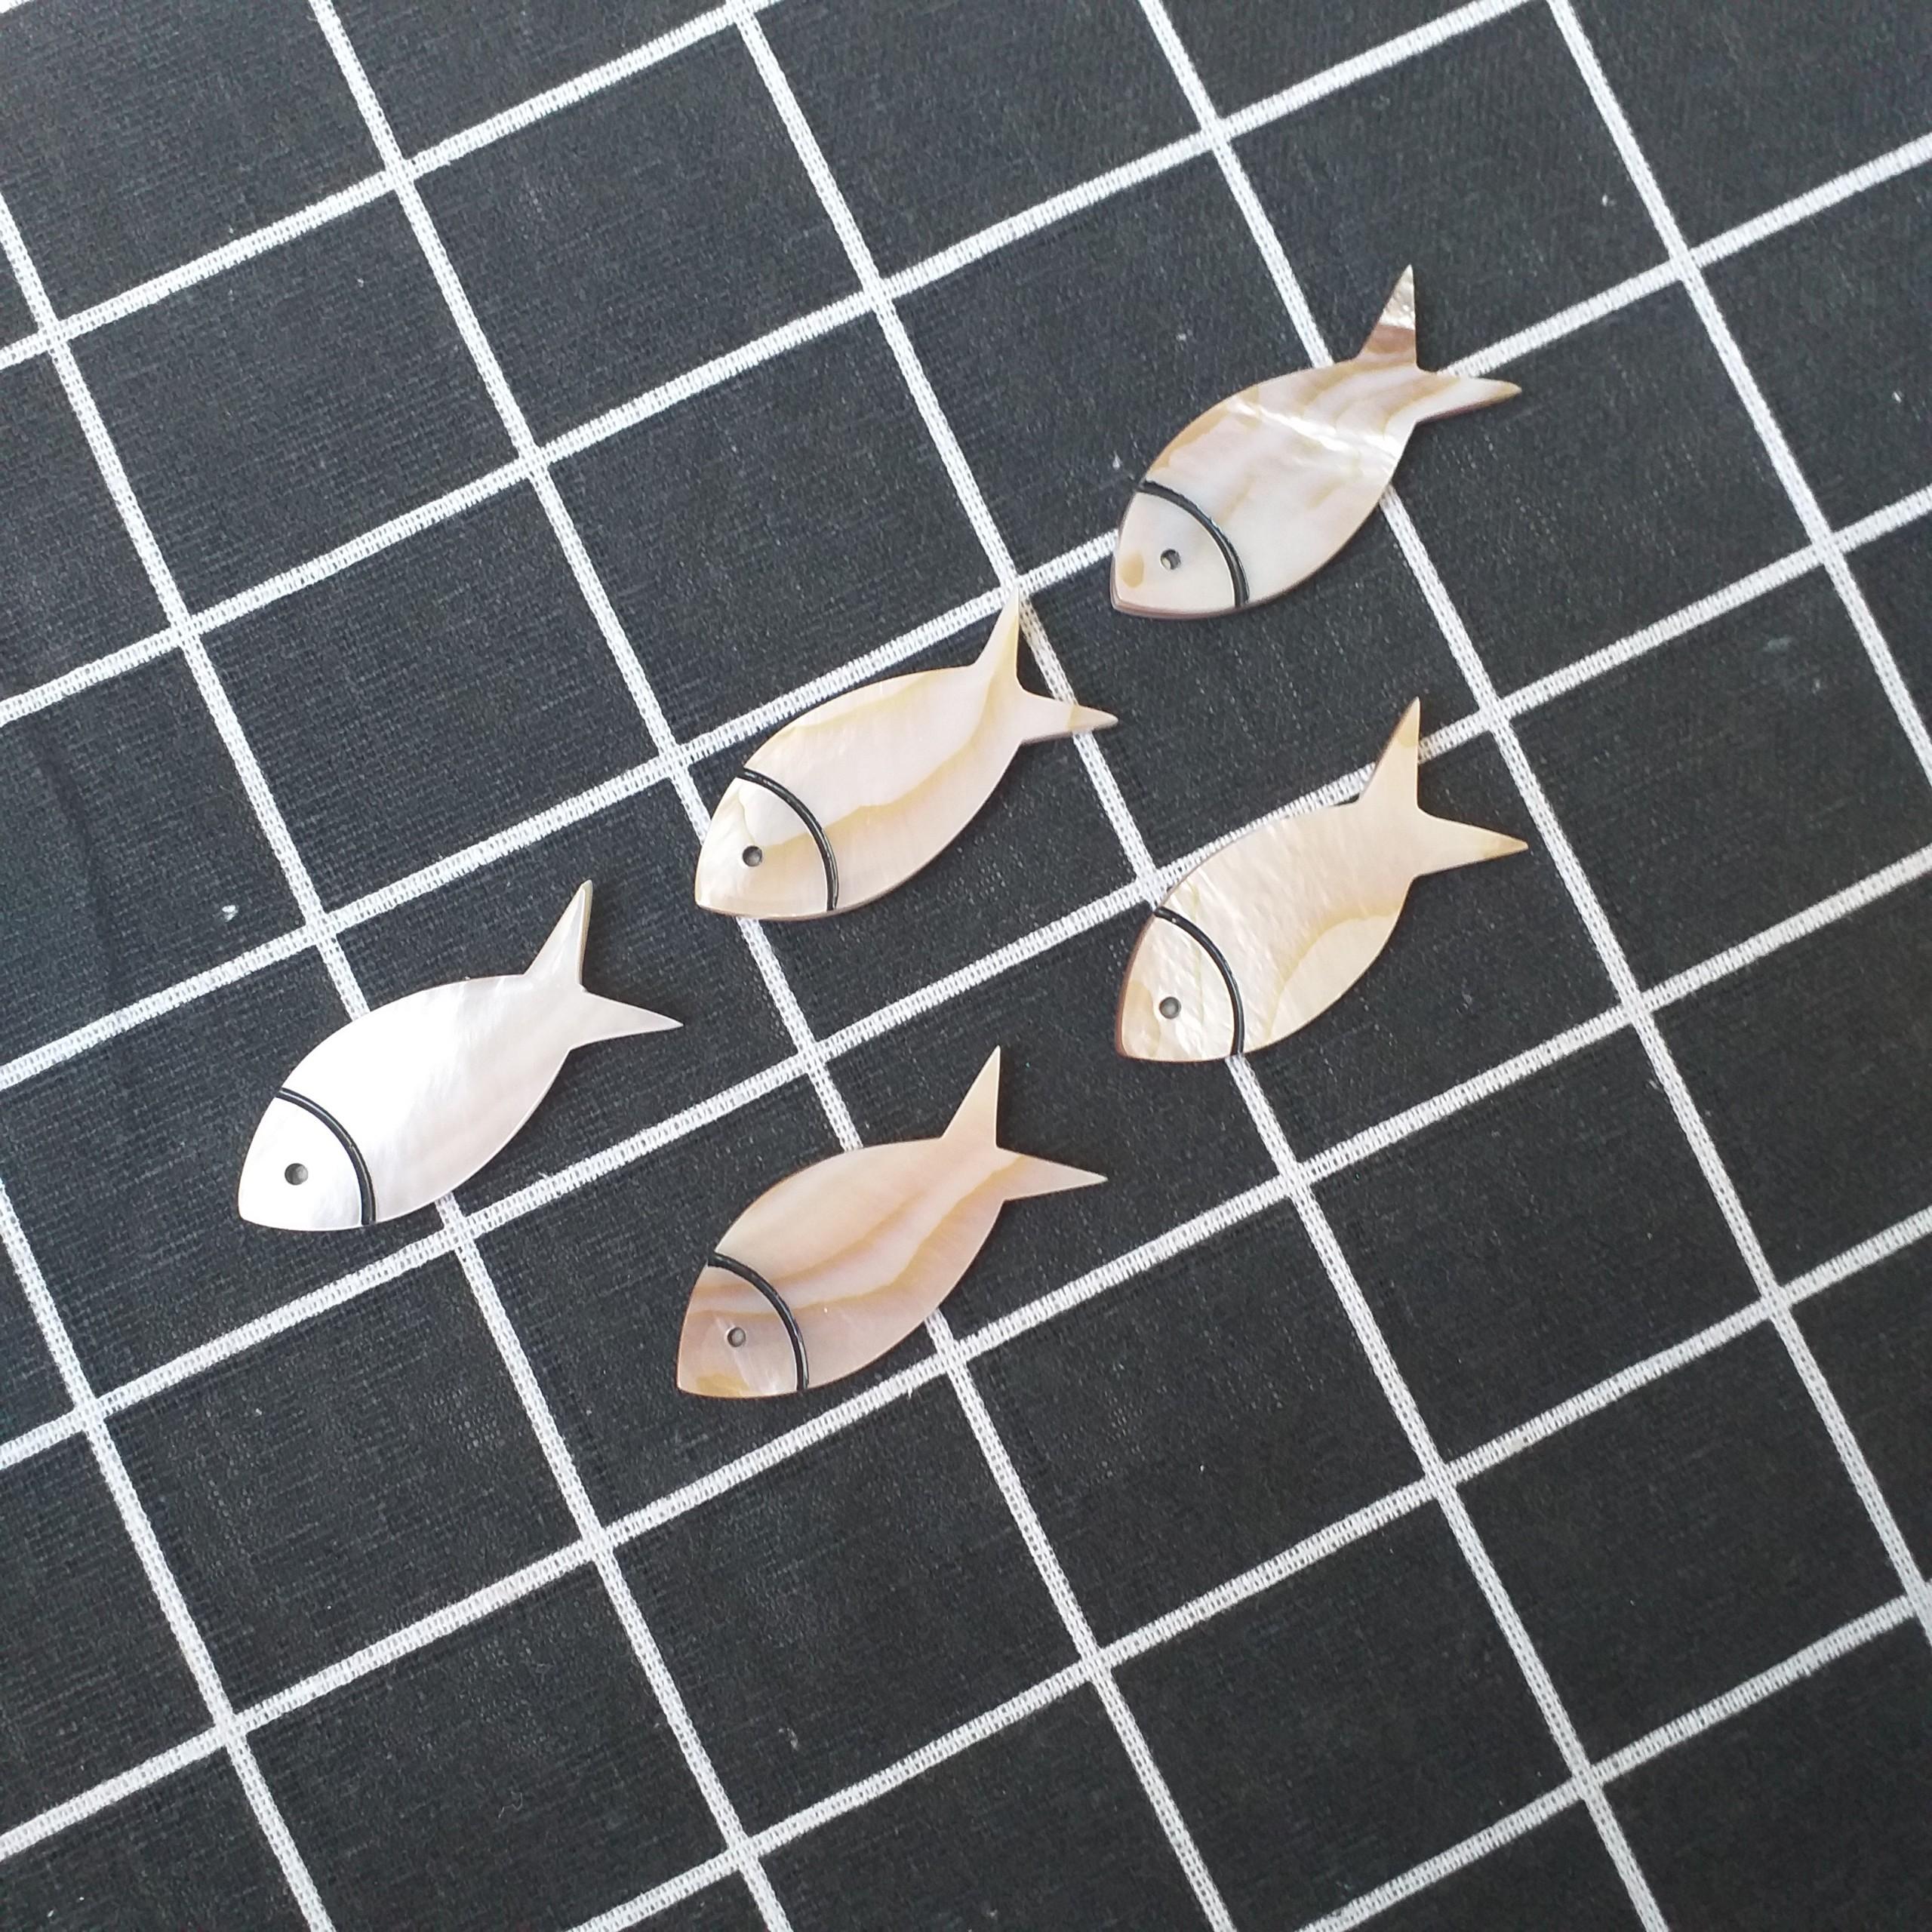 Gác đũa Xà Cừ Nâu Hồng hình Cá 4,5cm (Bộ 5 chiếc ) - Phụ kiện cao cấp giúp bàn ăn sang trọng (R17)